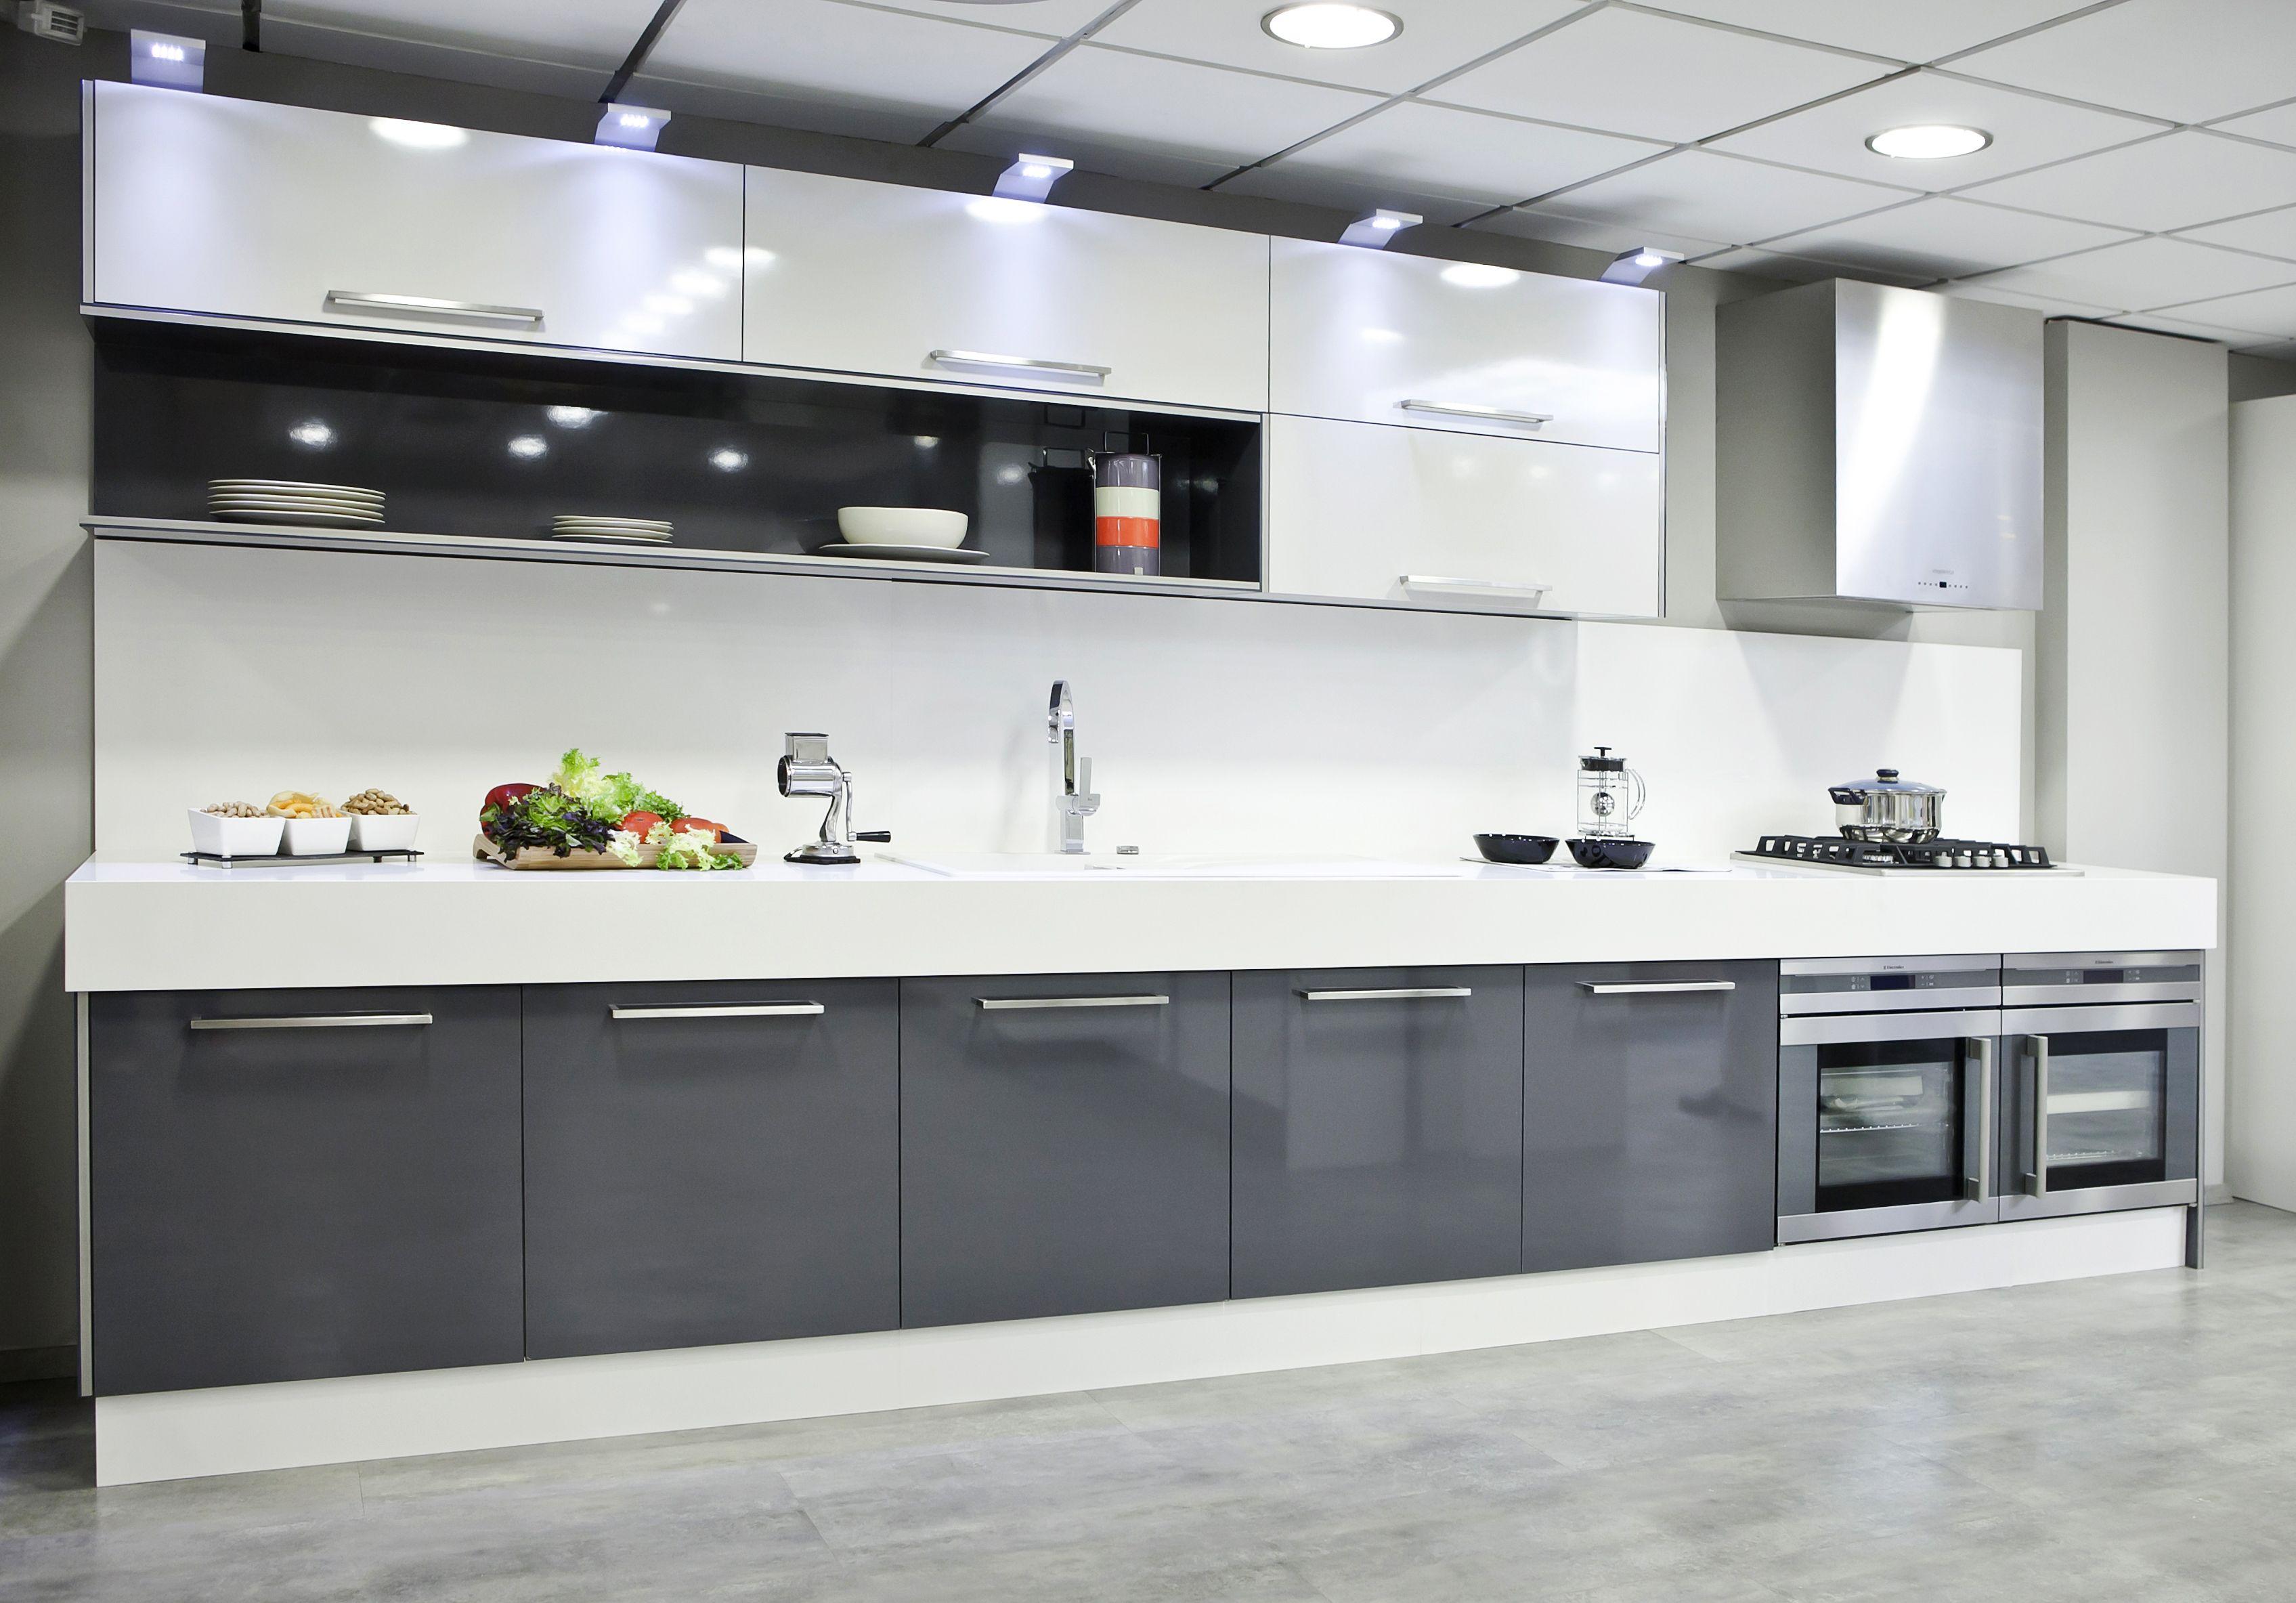 Cocina moderna textil gris cocinas pinterest cocina moderna gris y textiles - Modelos de cocinas modernas ...